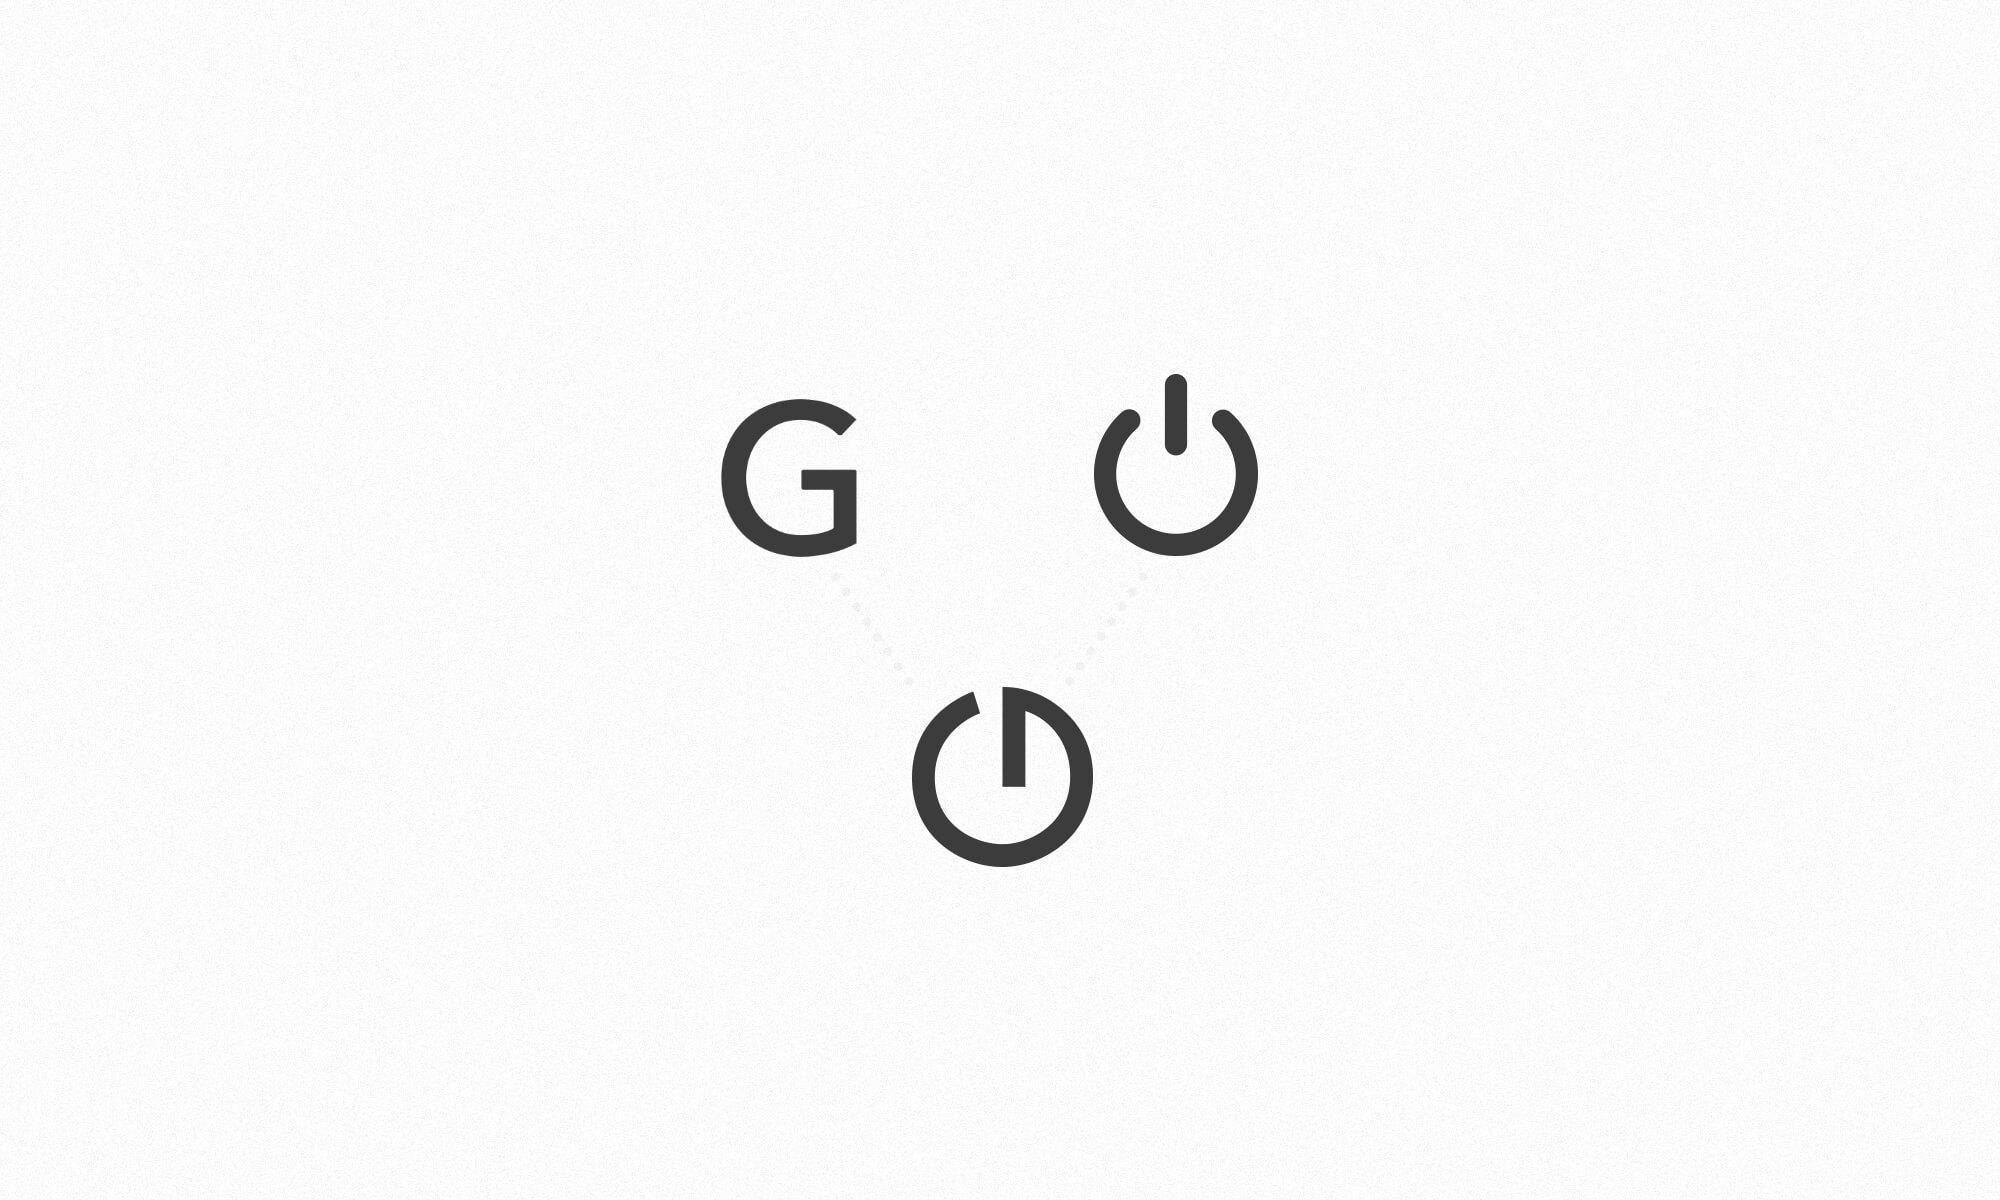 Schau und Horch Logo Herleitung Genua - Corporate Identity für Genua